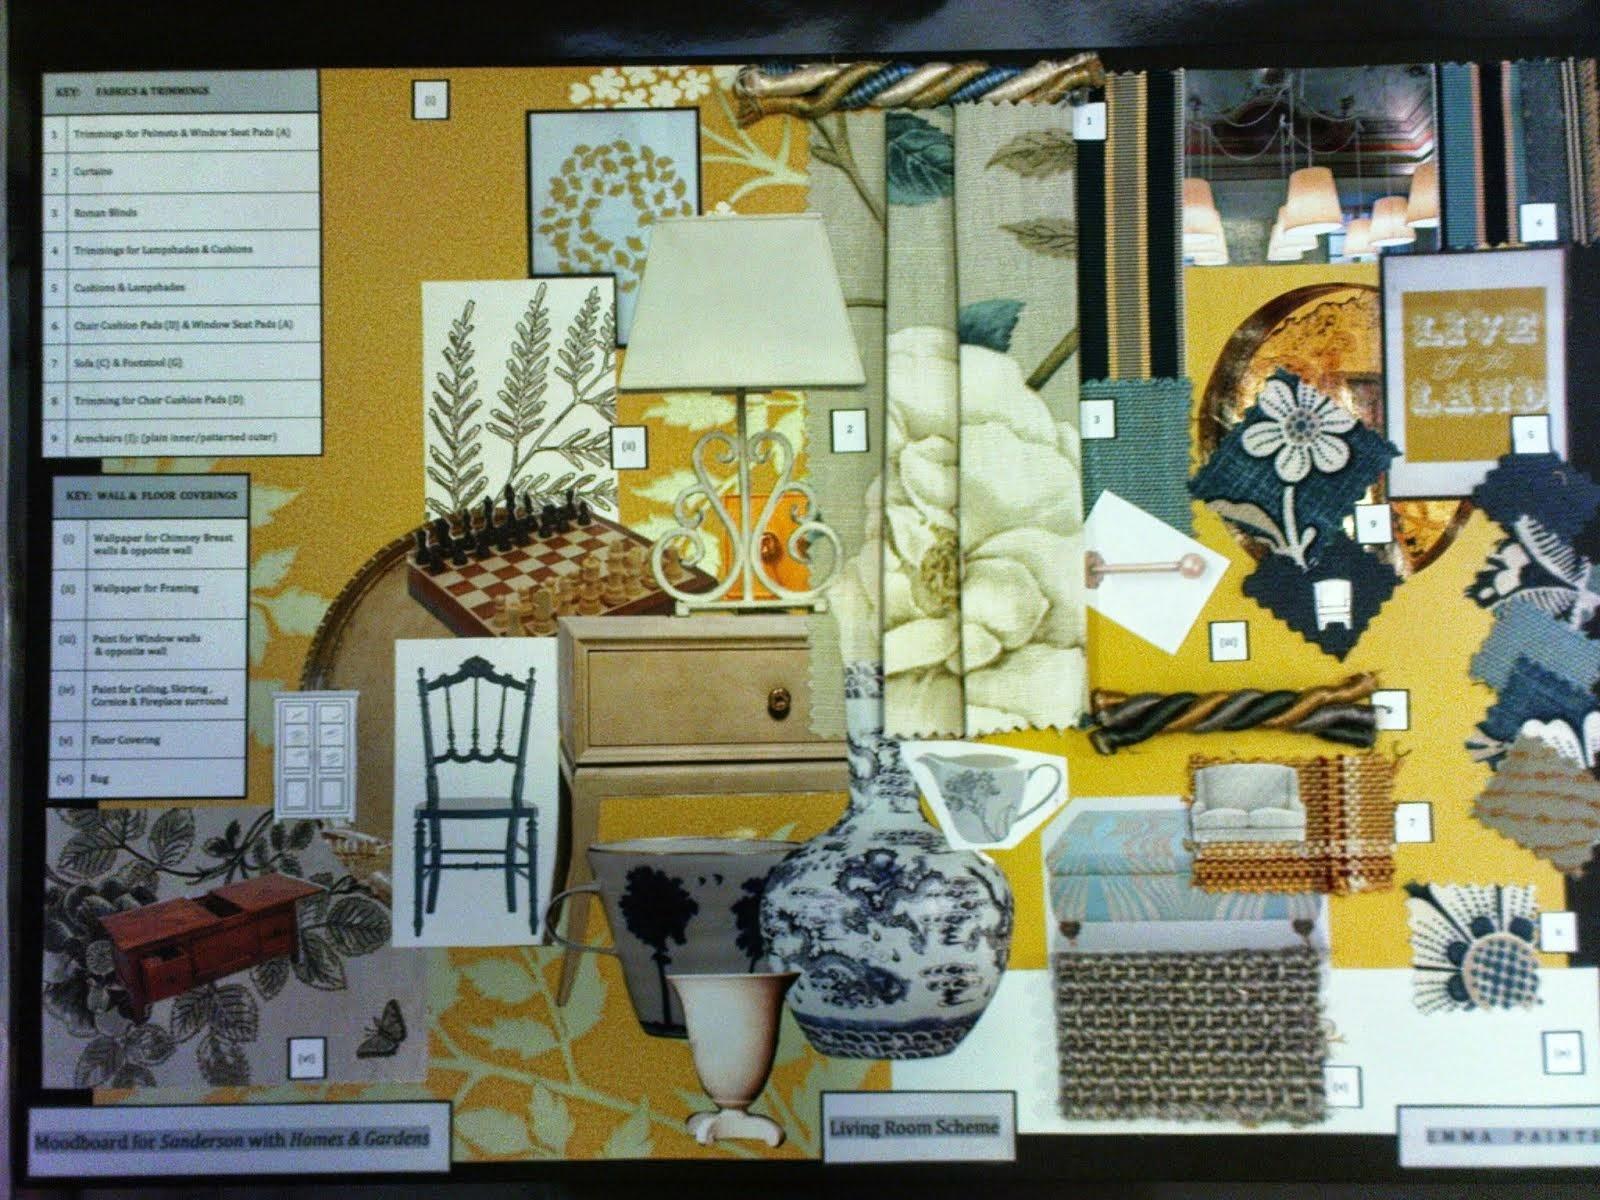 Sanderson concept board